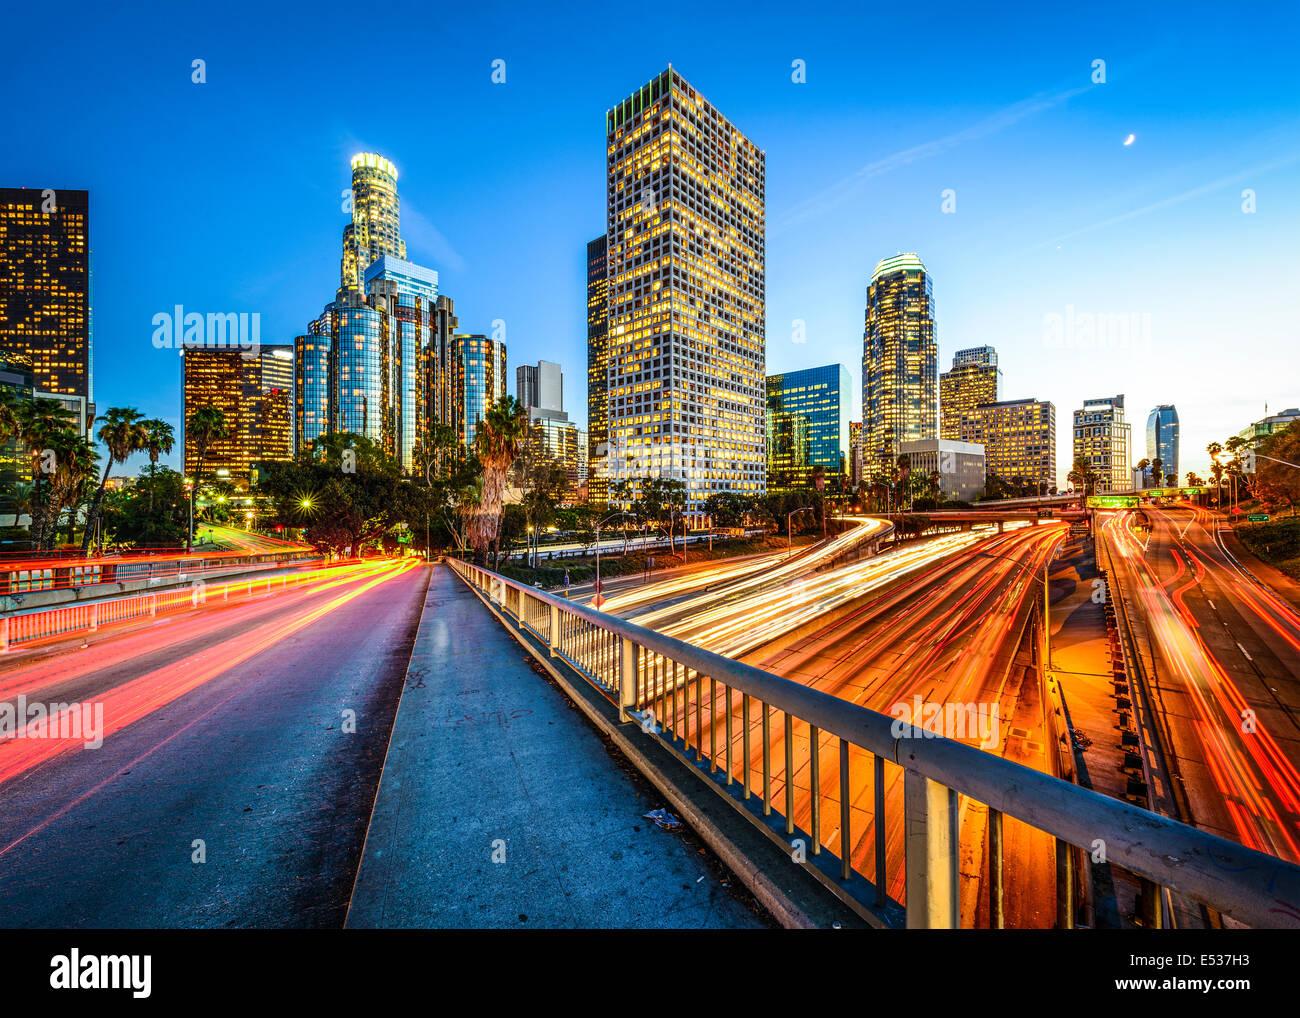 Los Angeles, California, EE.UU., ciudad en la noche. Foto de stock